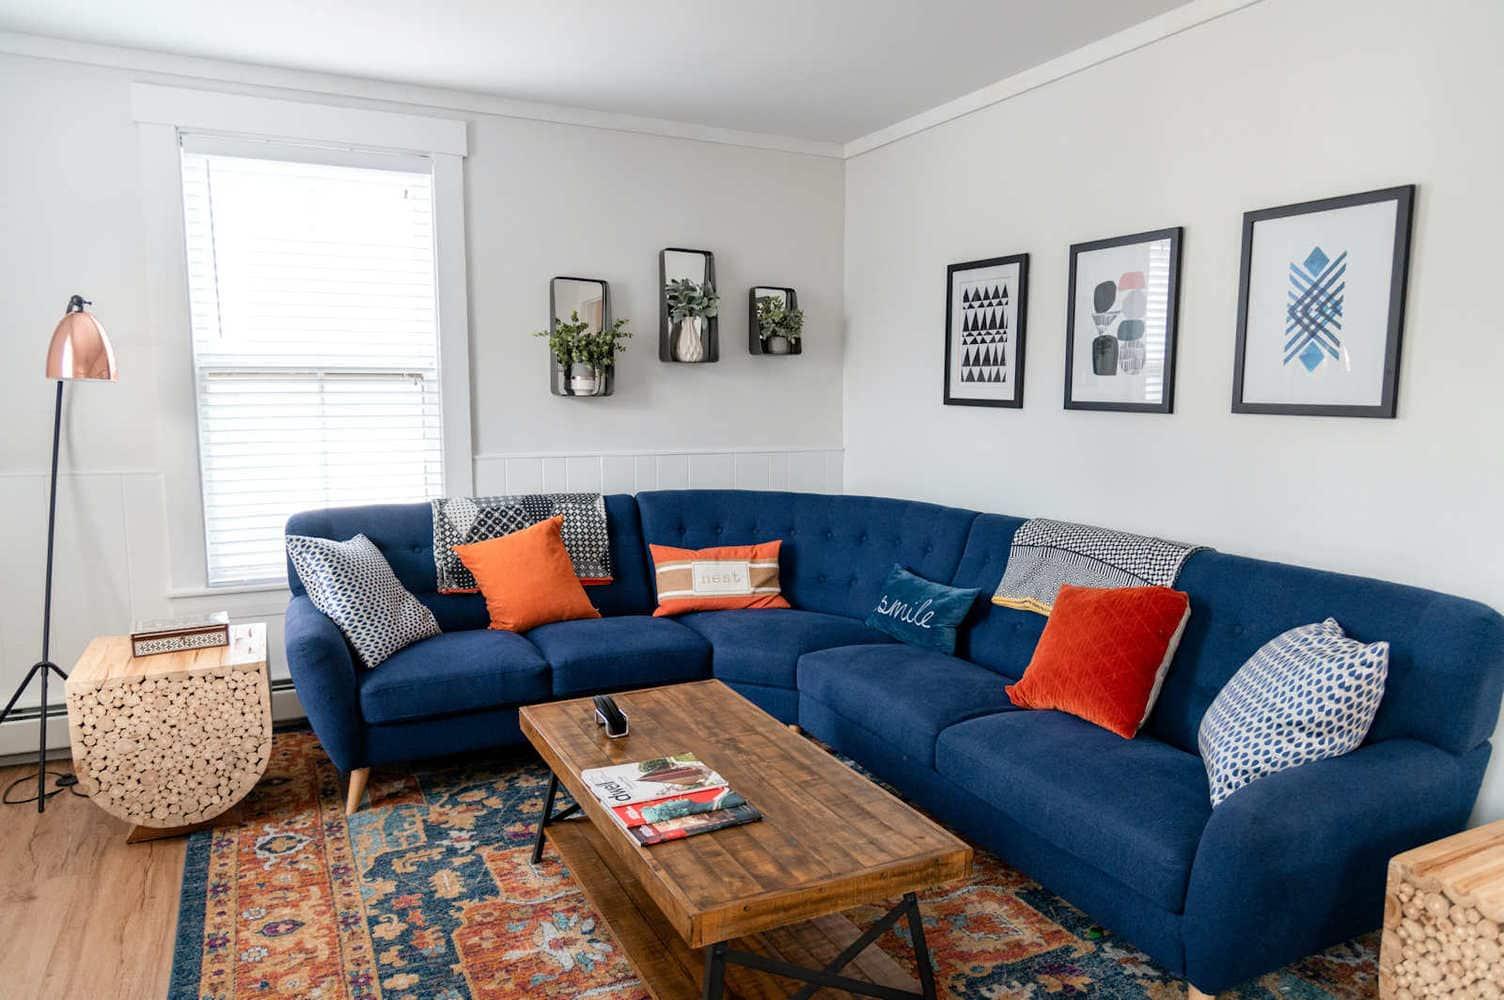 Sitting Pretty Furniture of O'Connor